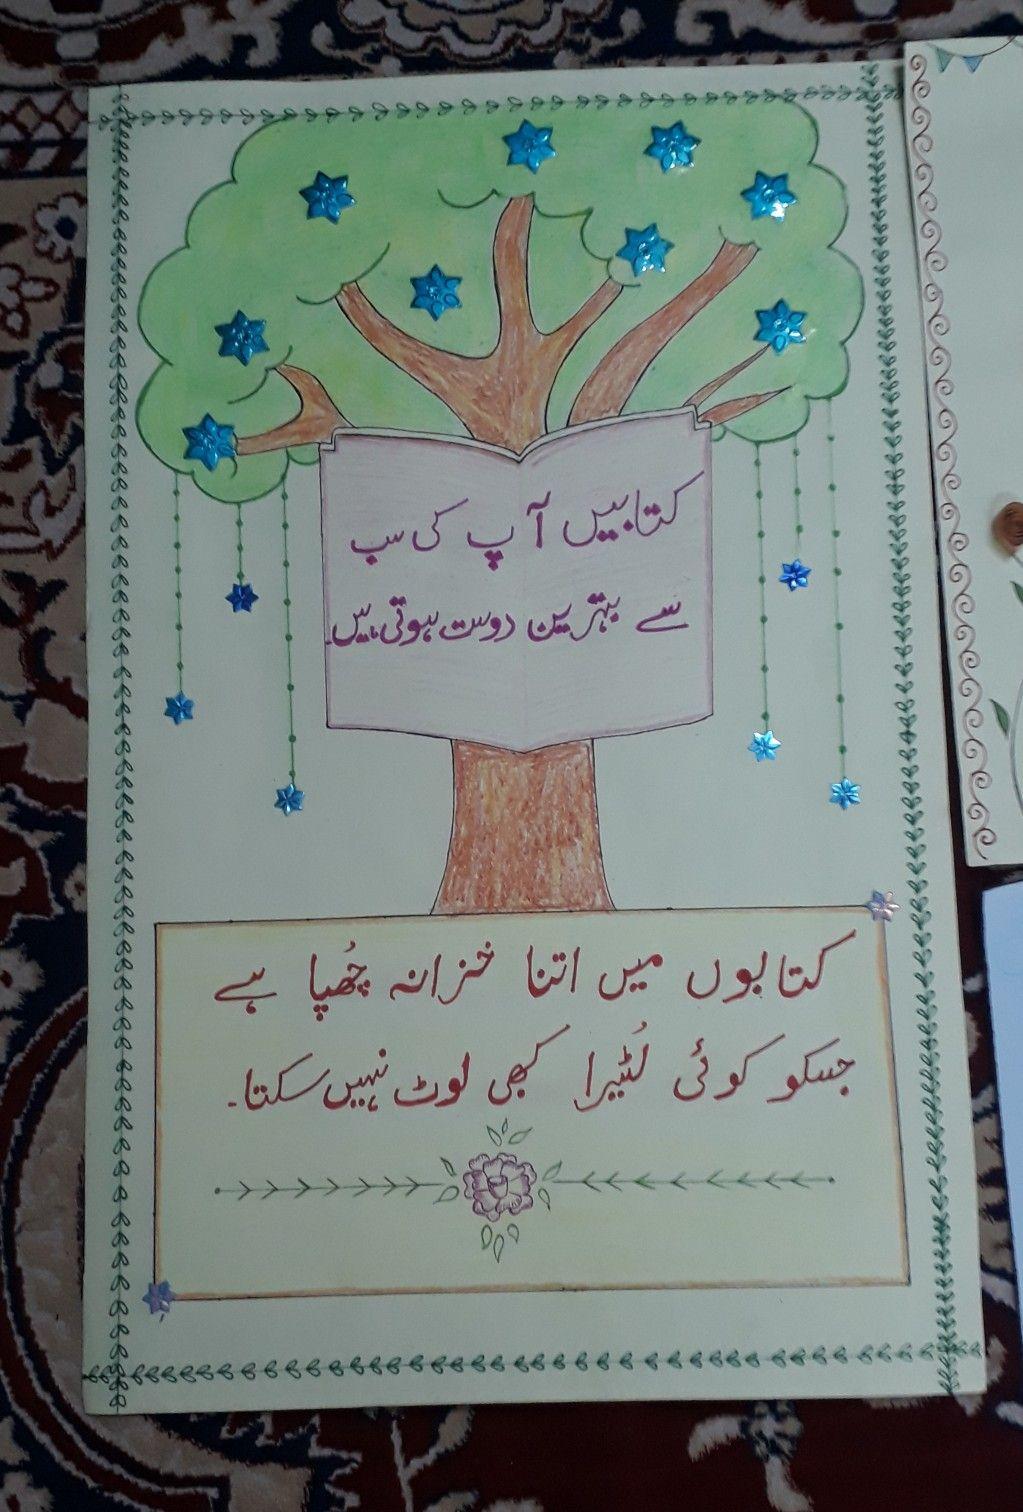 Urdu Quotes On Books Book Quotes Urdu Quotes Sketches